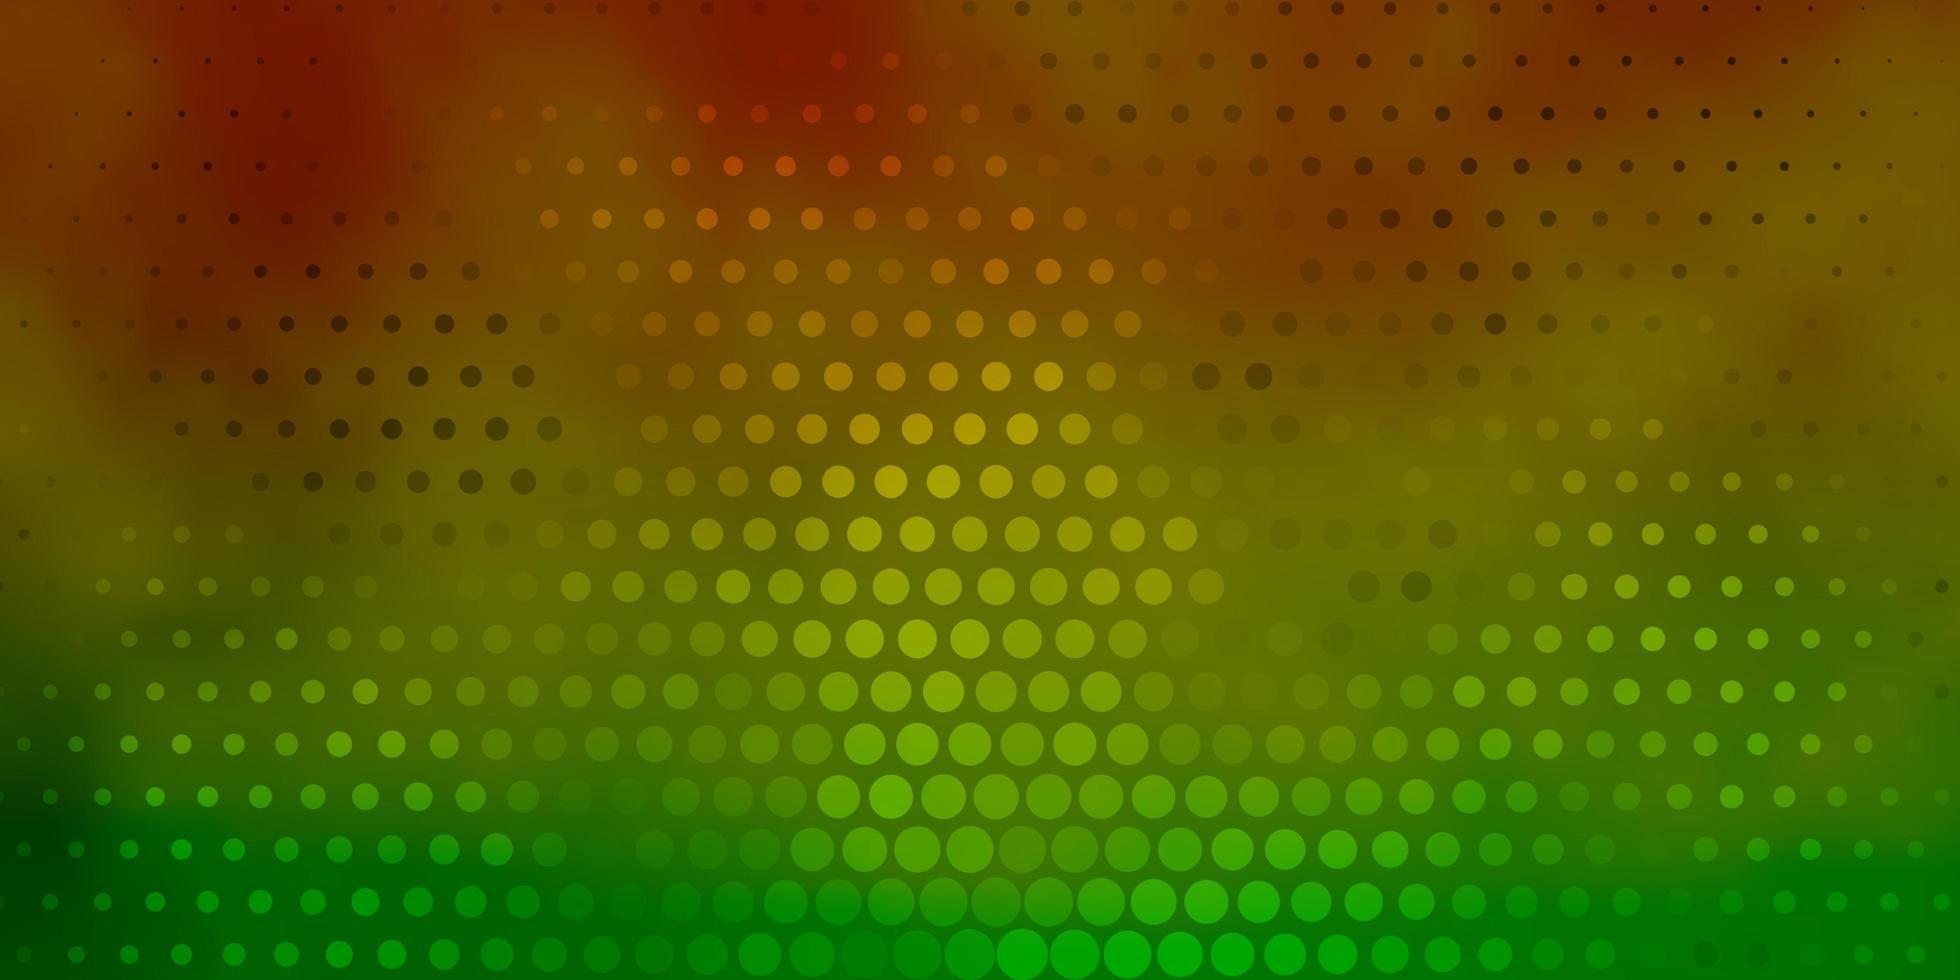 pano de fundo verde e amarelo claro com pontos. vetor